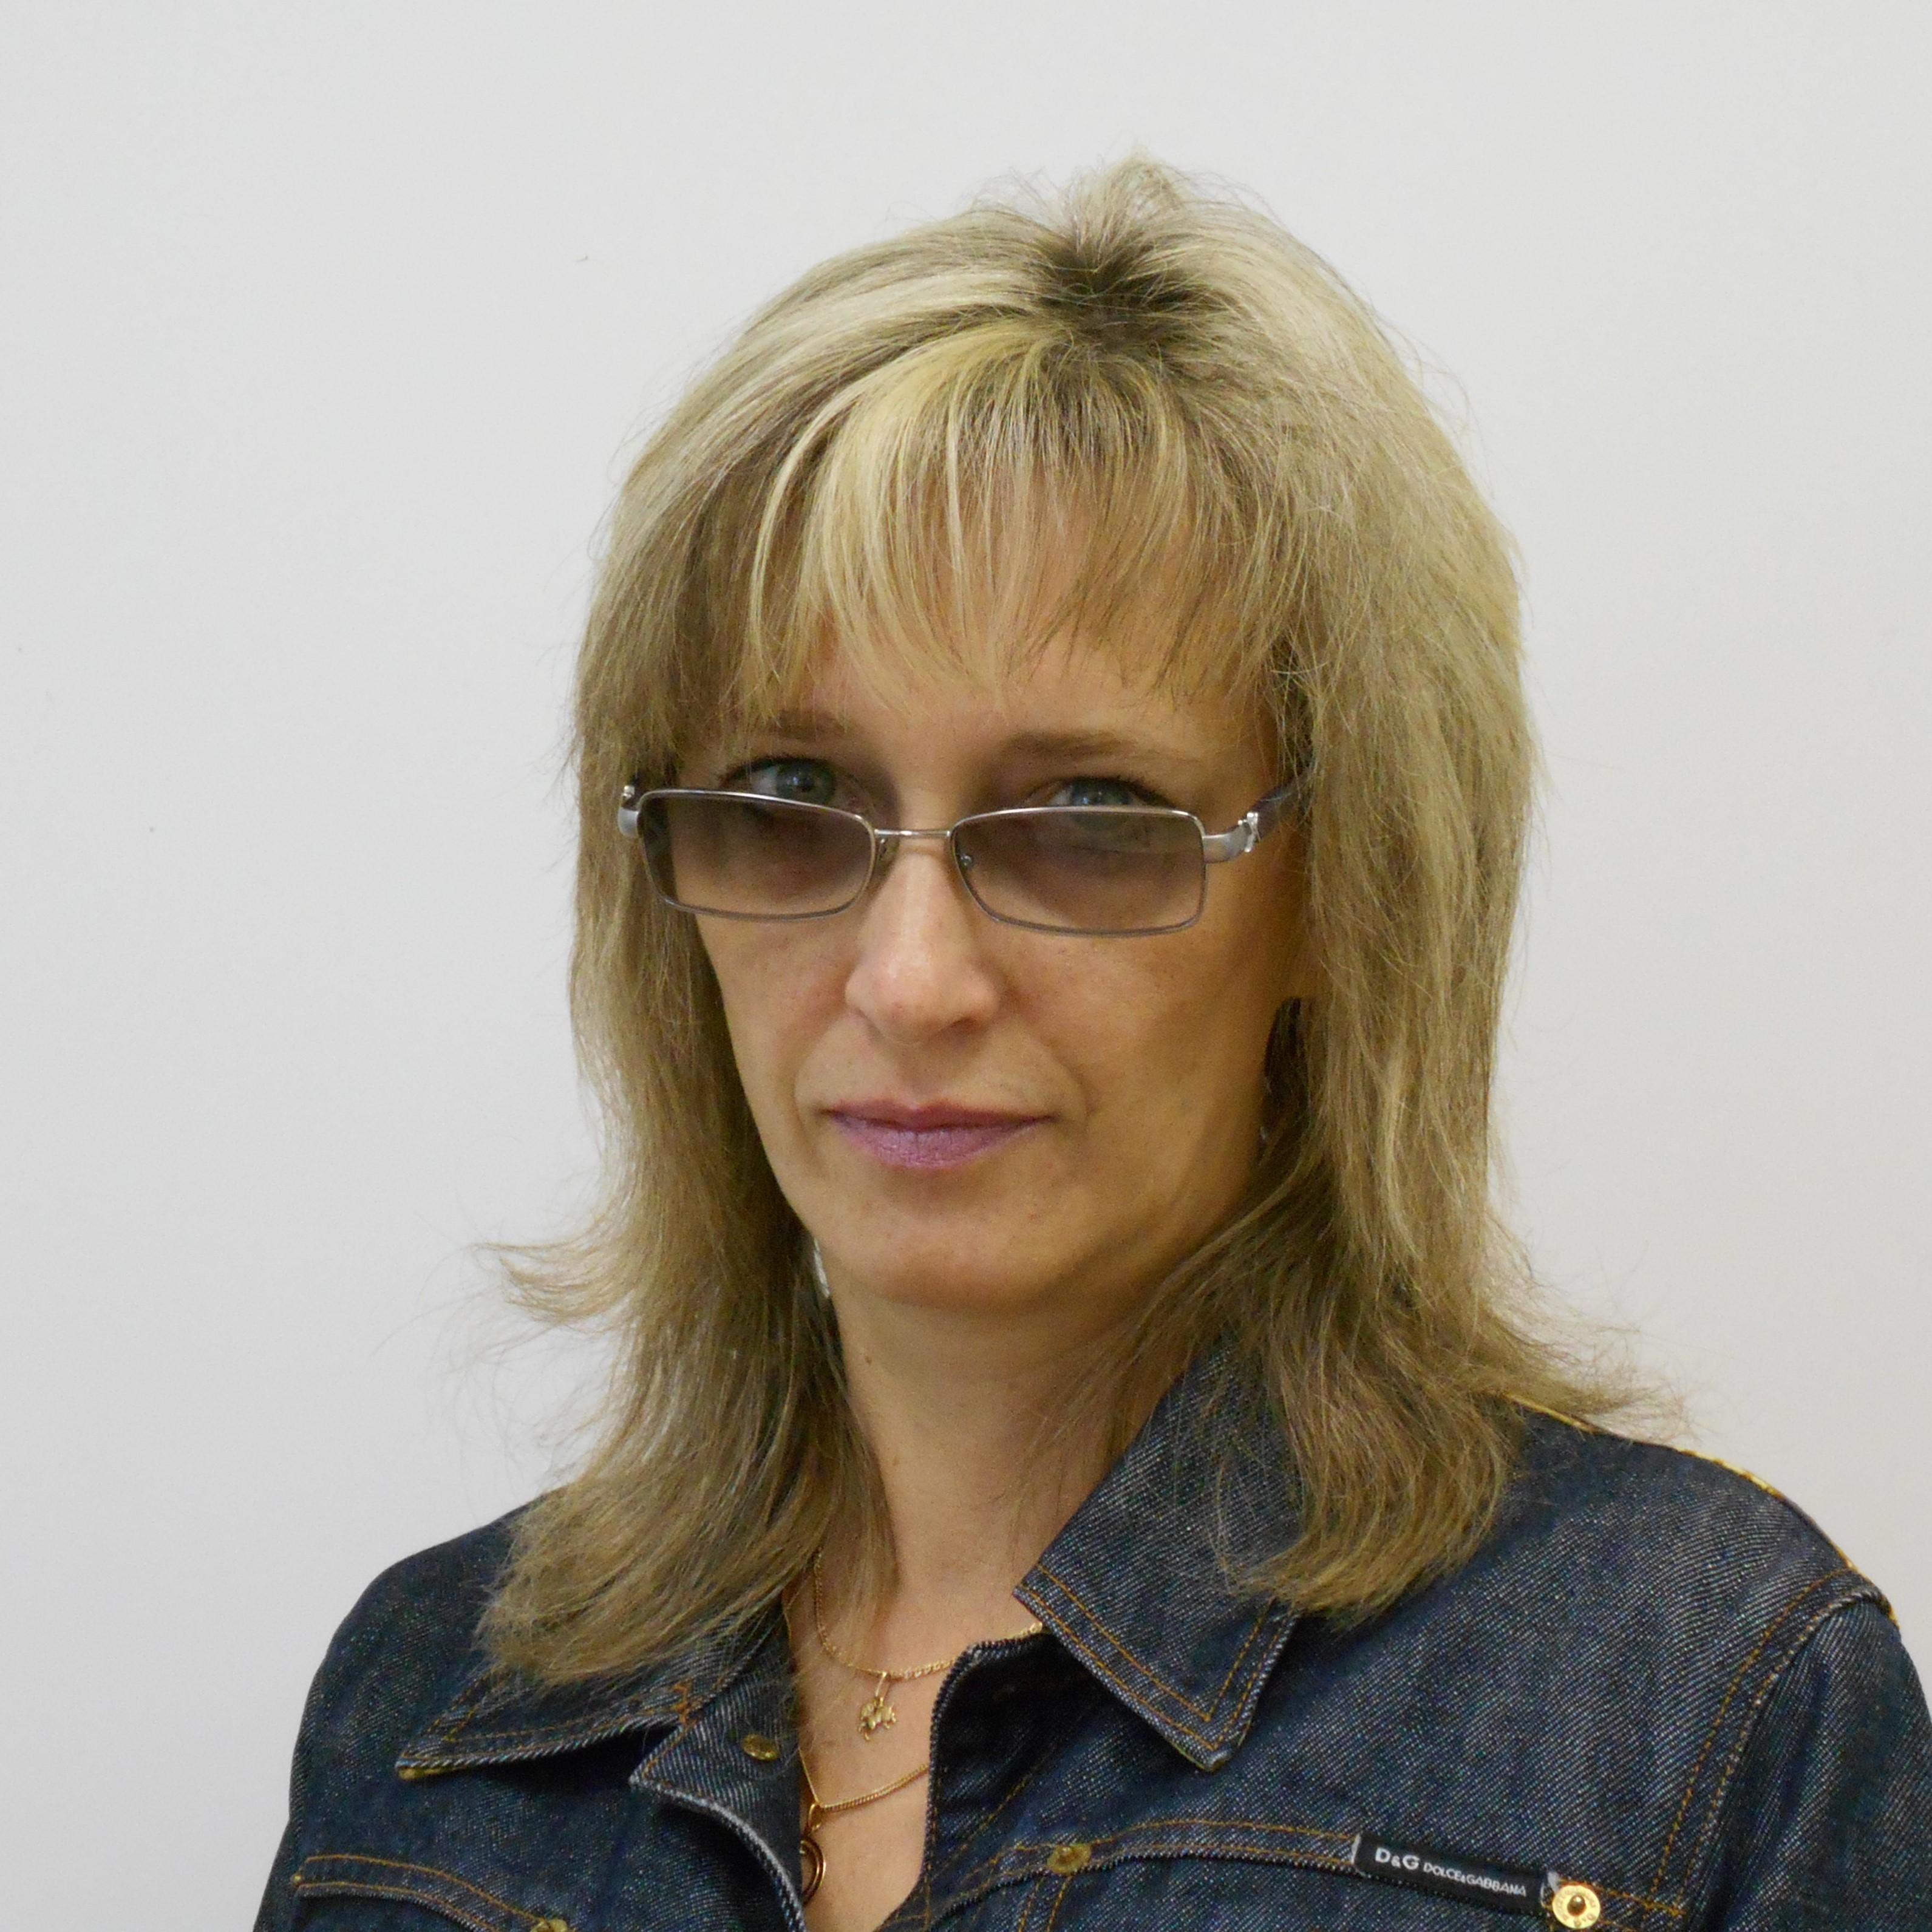 Шахроманова Елена Валентиновна